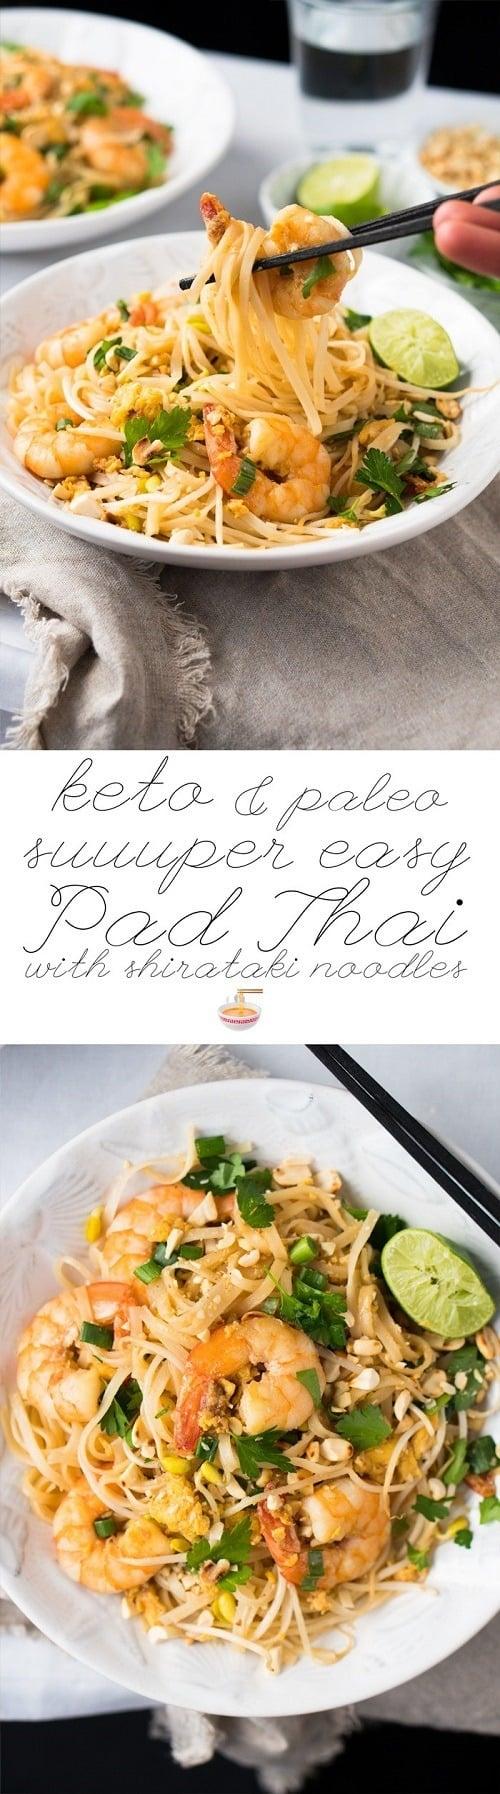 paleo-keto-pad-thai-shirataki-noodles